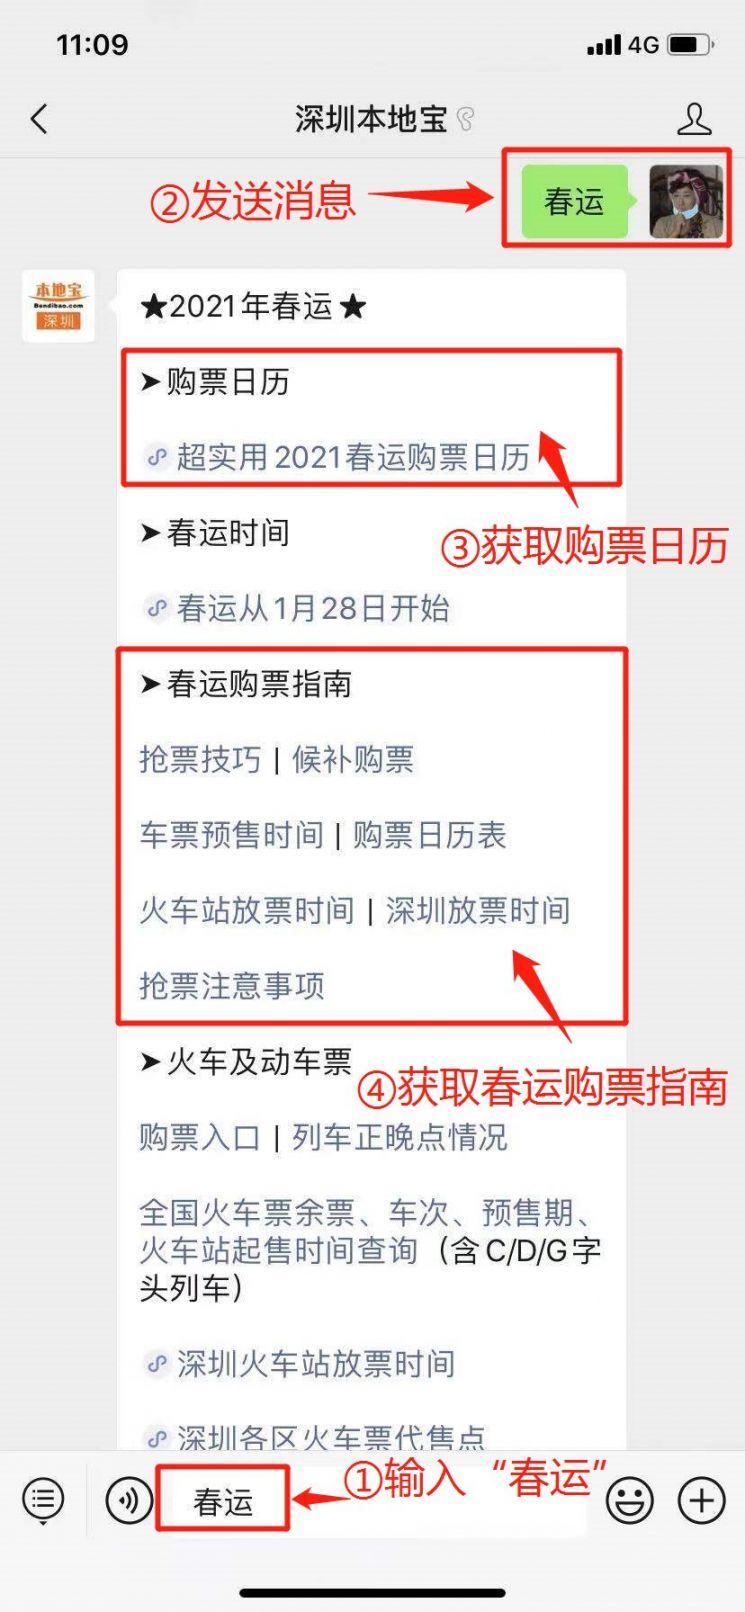 2021年春运火车票购票日历表一览 交通 深圳本地宝